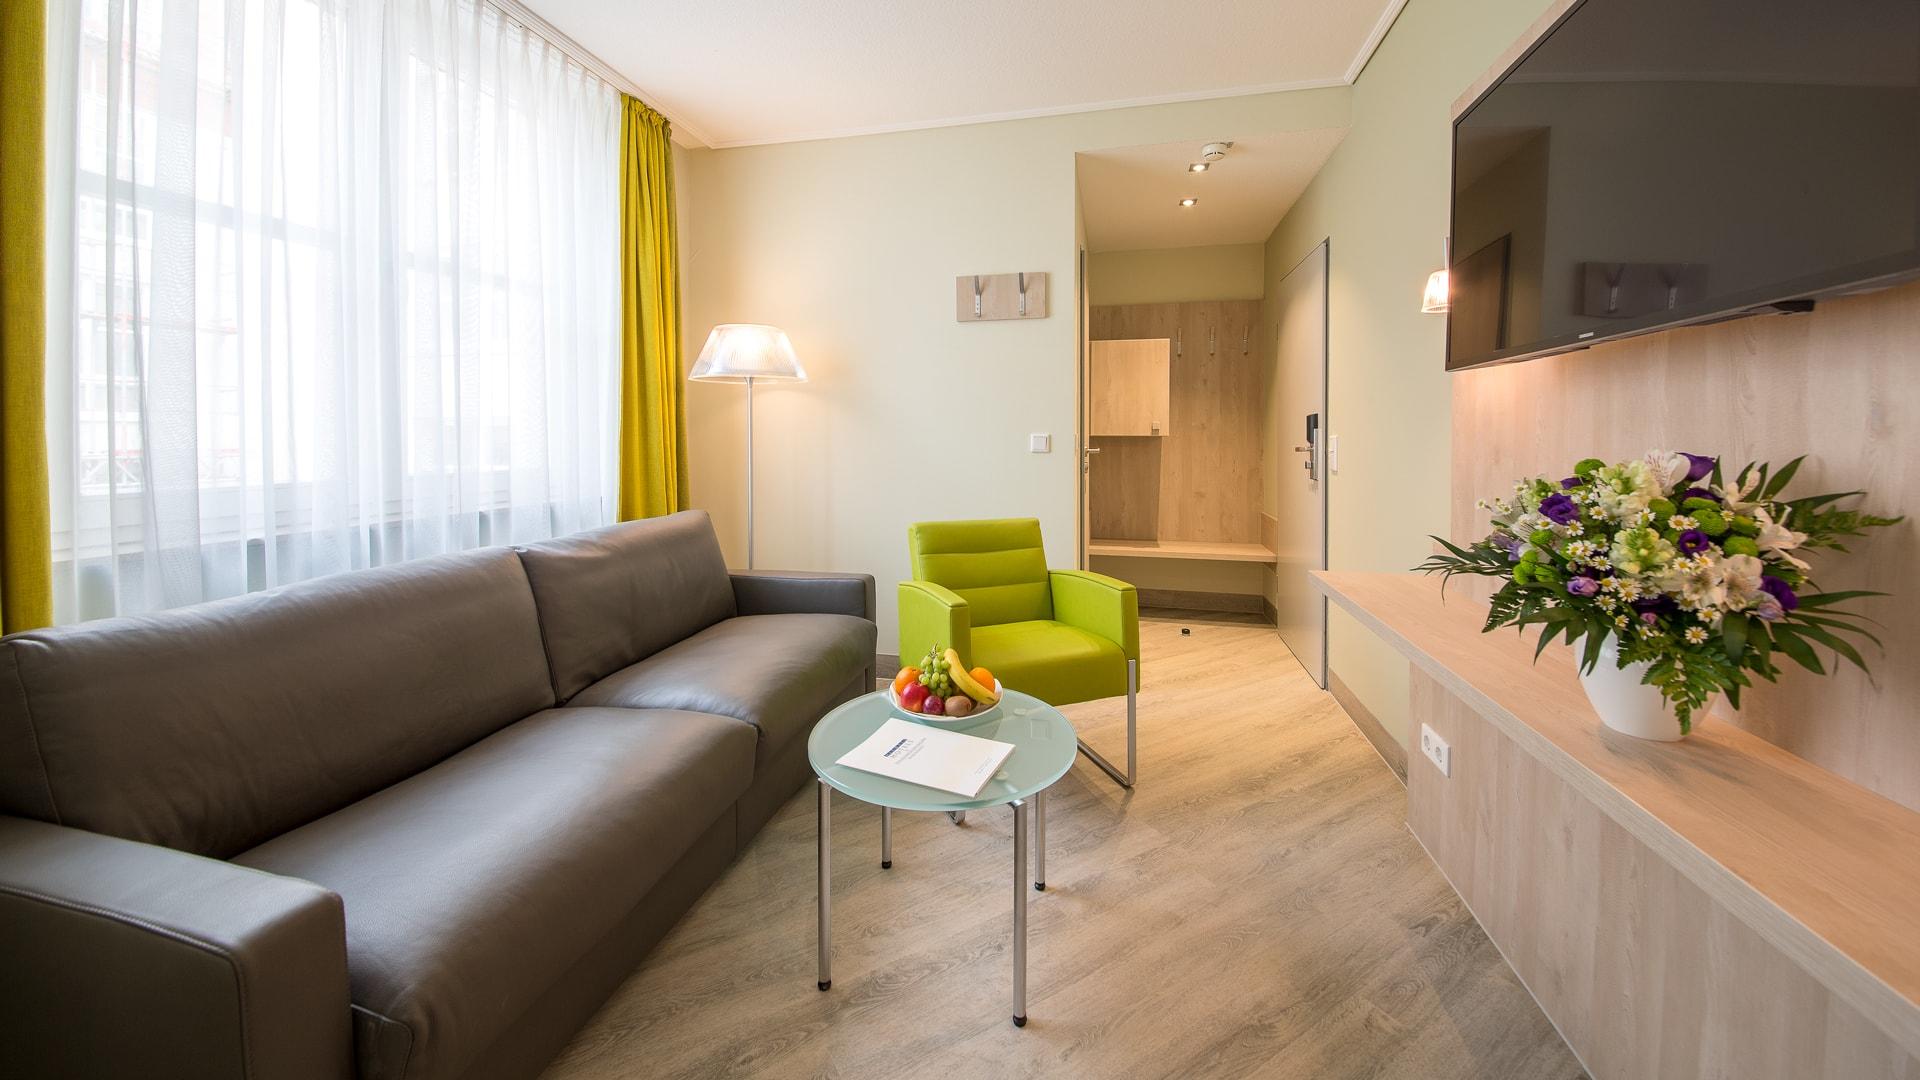 20 Michels_Hotels_Inselhotel_Vier_Jahreszeiten_Suite